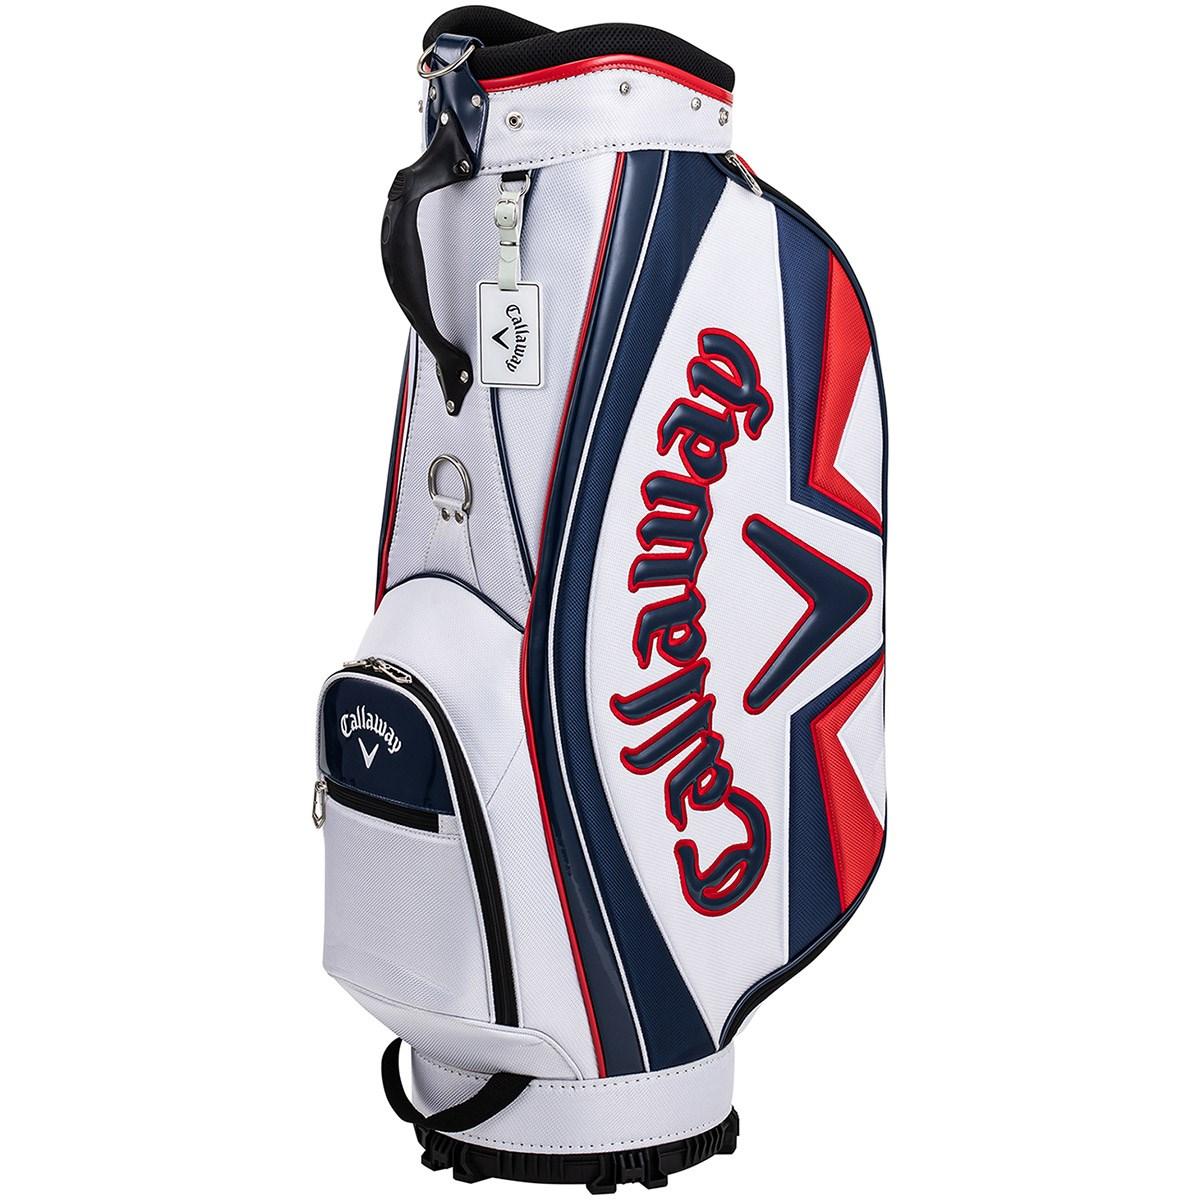 キャロウェイゴルフ Callaway Golf SPORT キャディバッグ ホワイト/ネイビー/レッド